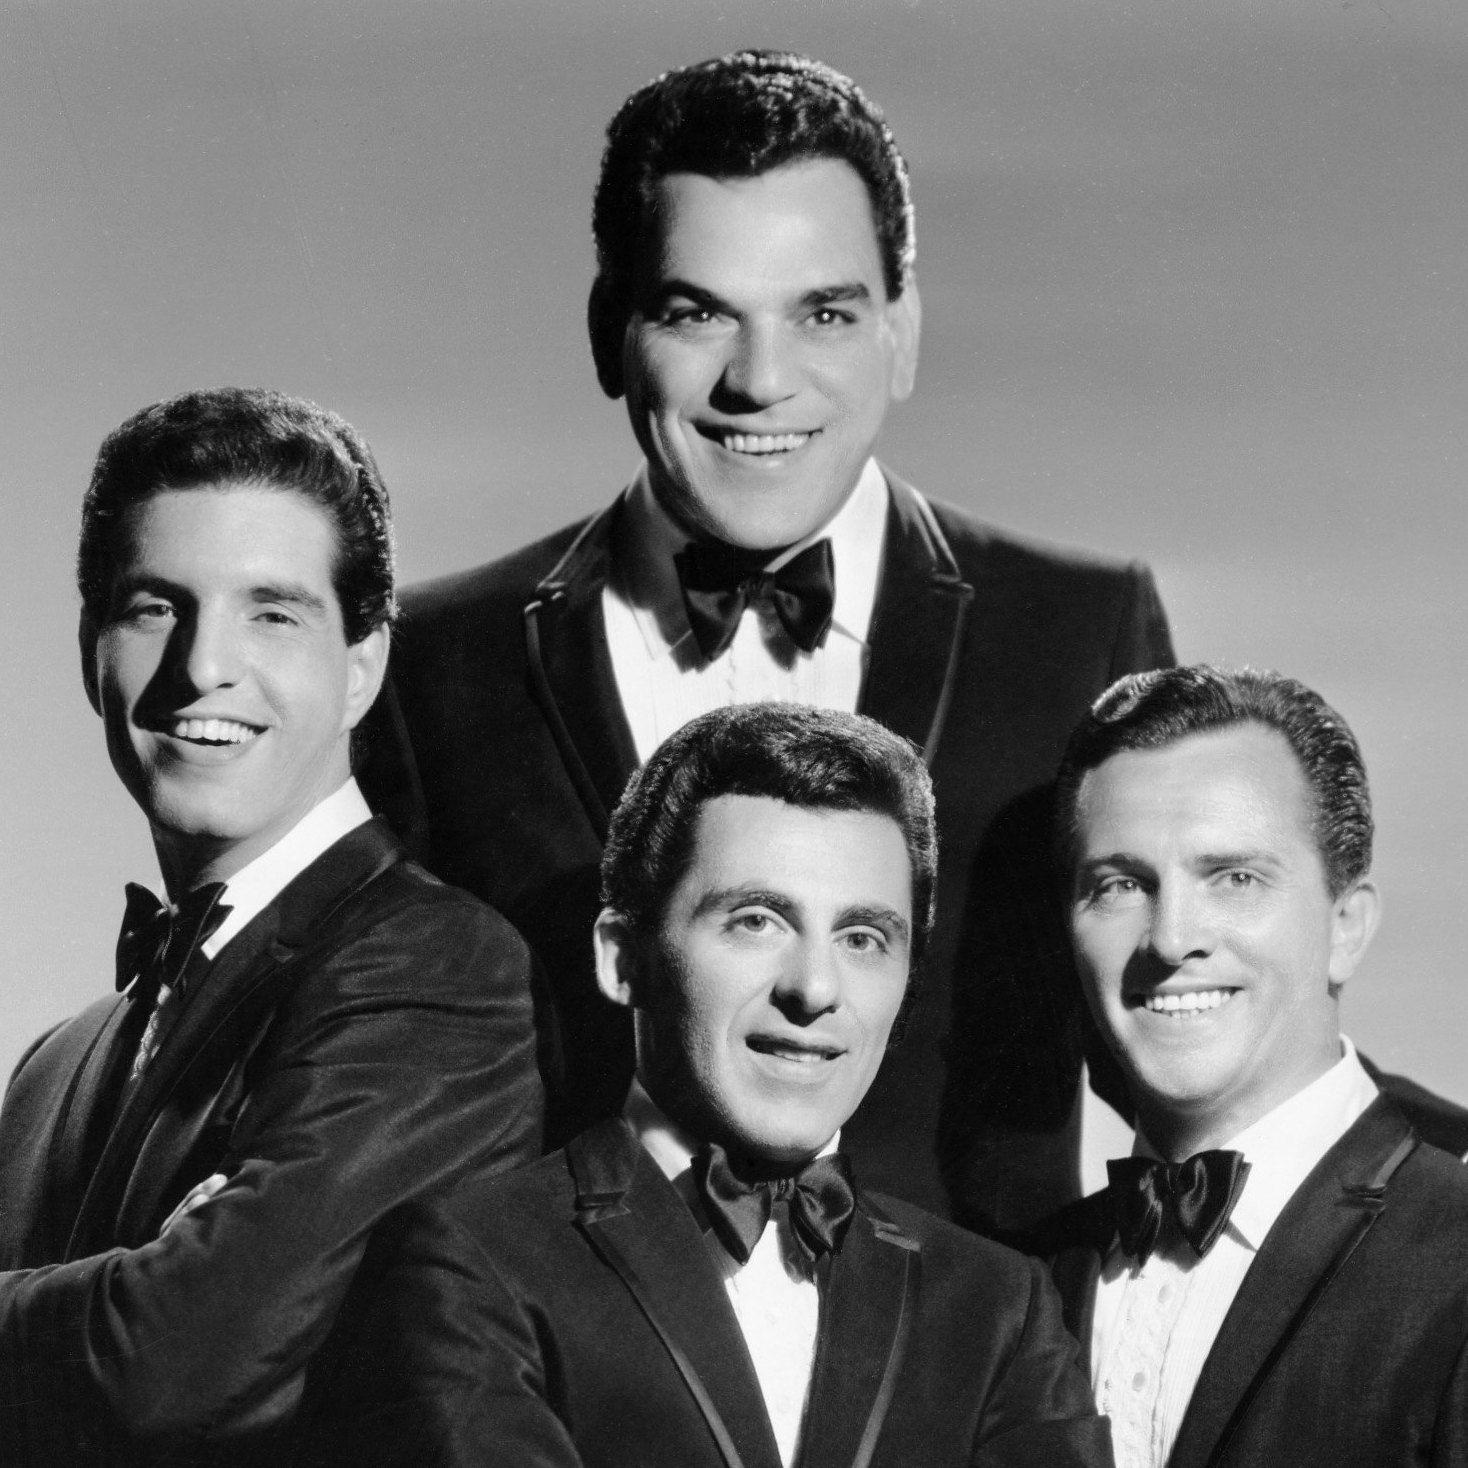 Francis Stephen Castelluccio 1934 Nueva Jersey Mejor Conocido Como Frankie Valli Vocalista Del Grupo The Four Seasons Frankie Valli Tommy Devito Jersey Boys